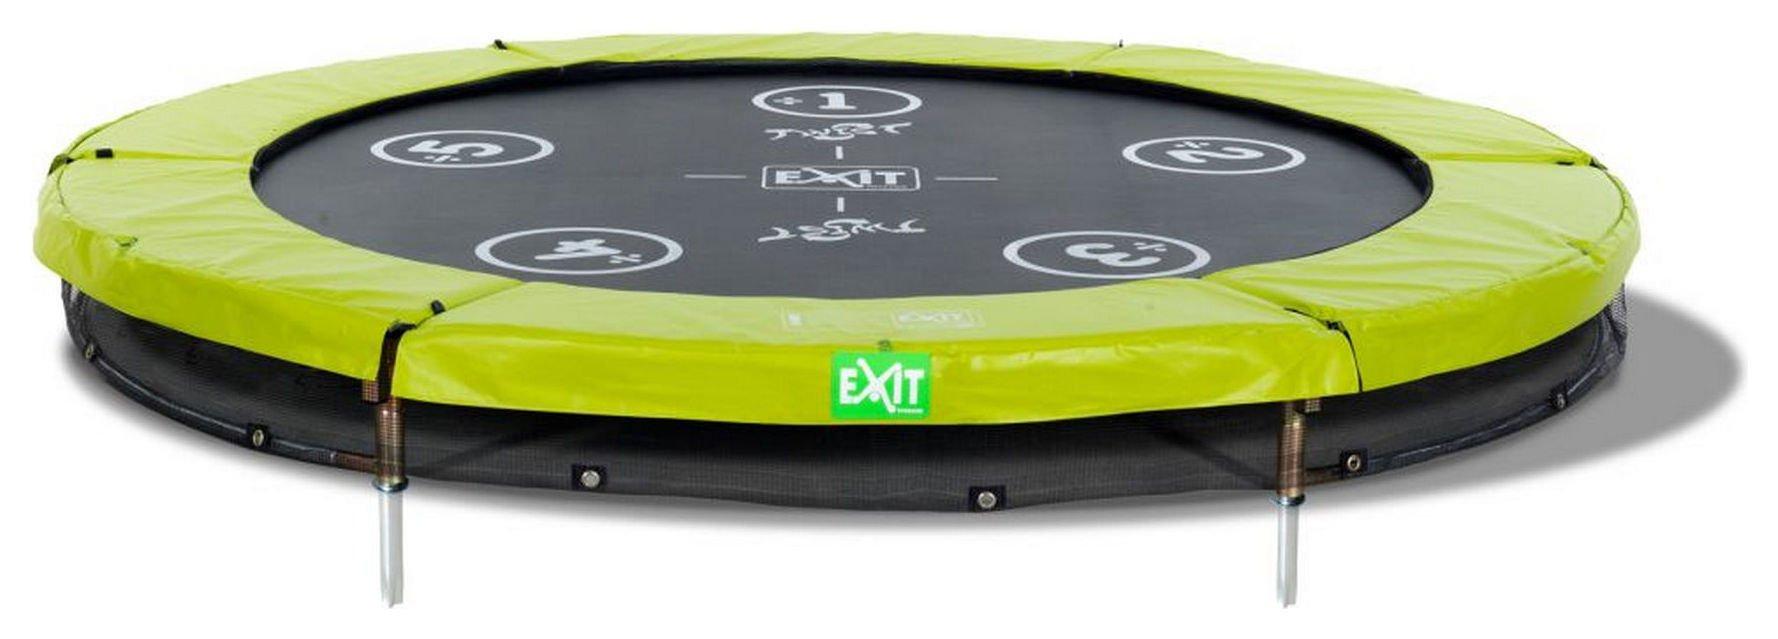 exit  10ft twist ground  trampoline  green/ grey